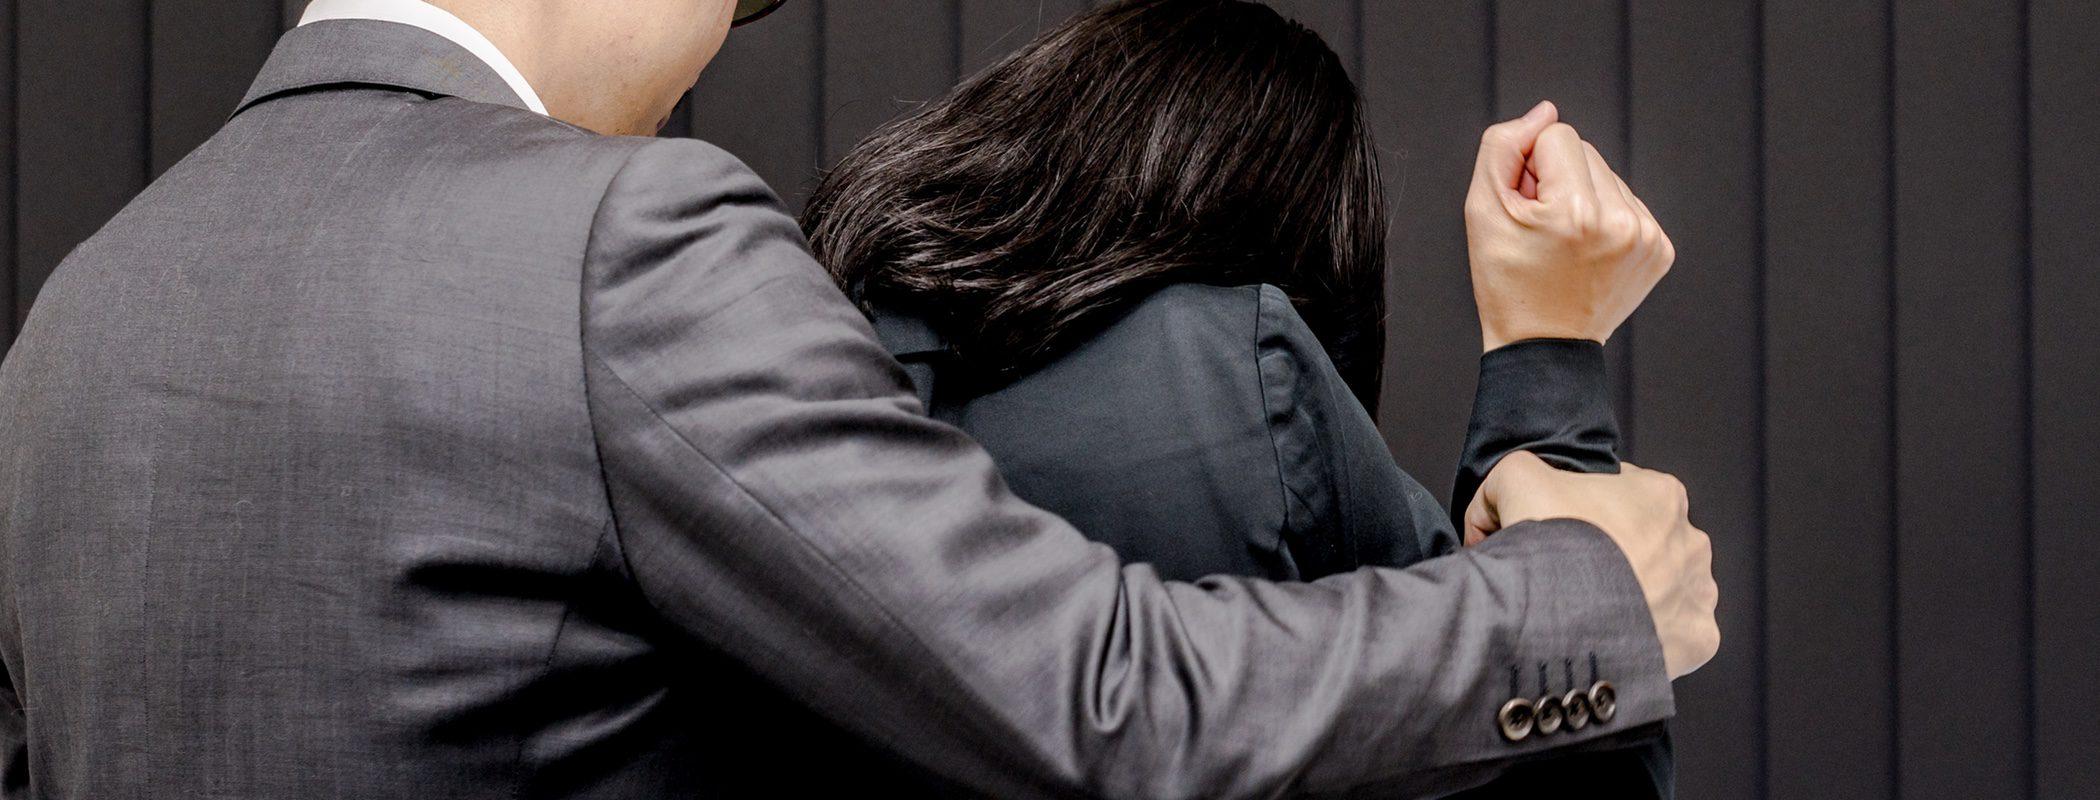 La importancia de denunciar el acoso sexual: no te calles